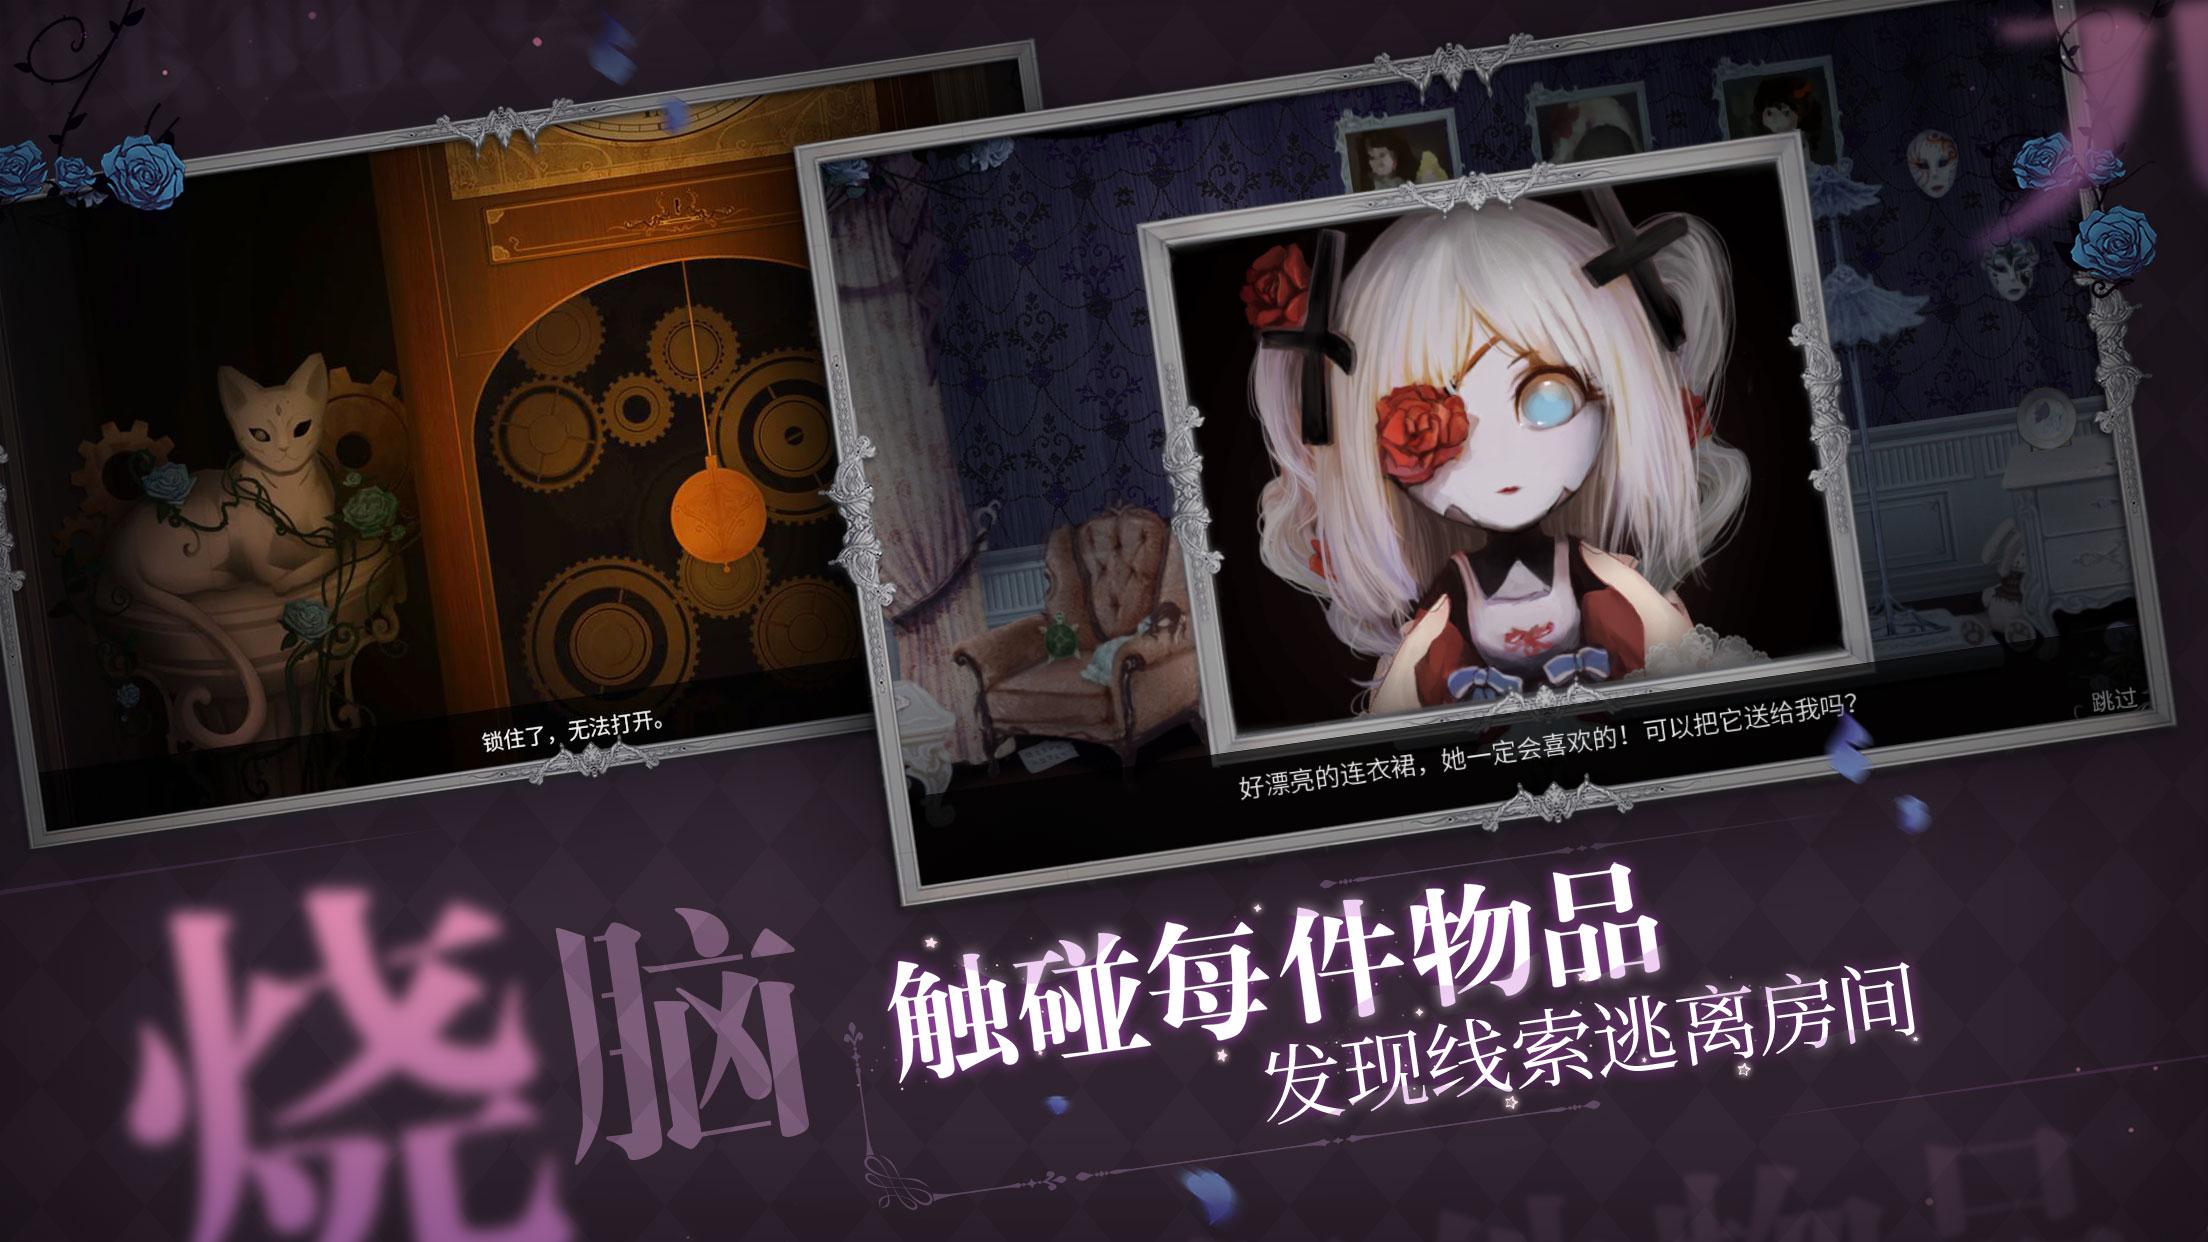 Screenshot 3: 人偶馆绮幻夜